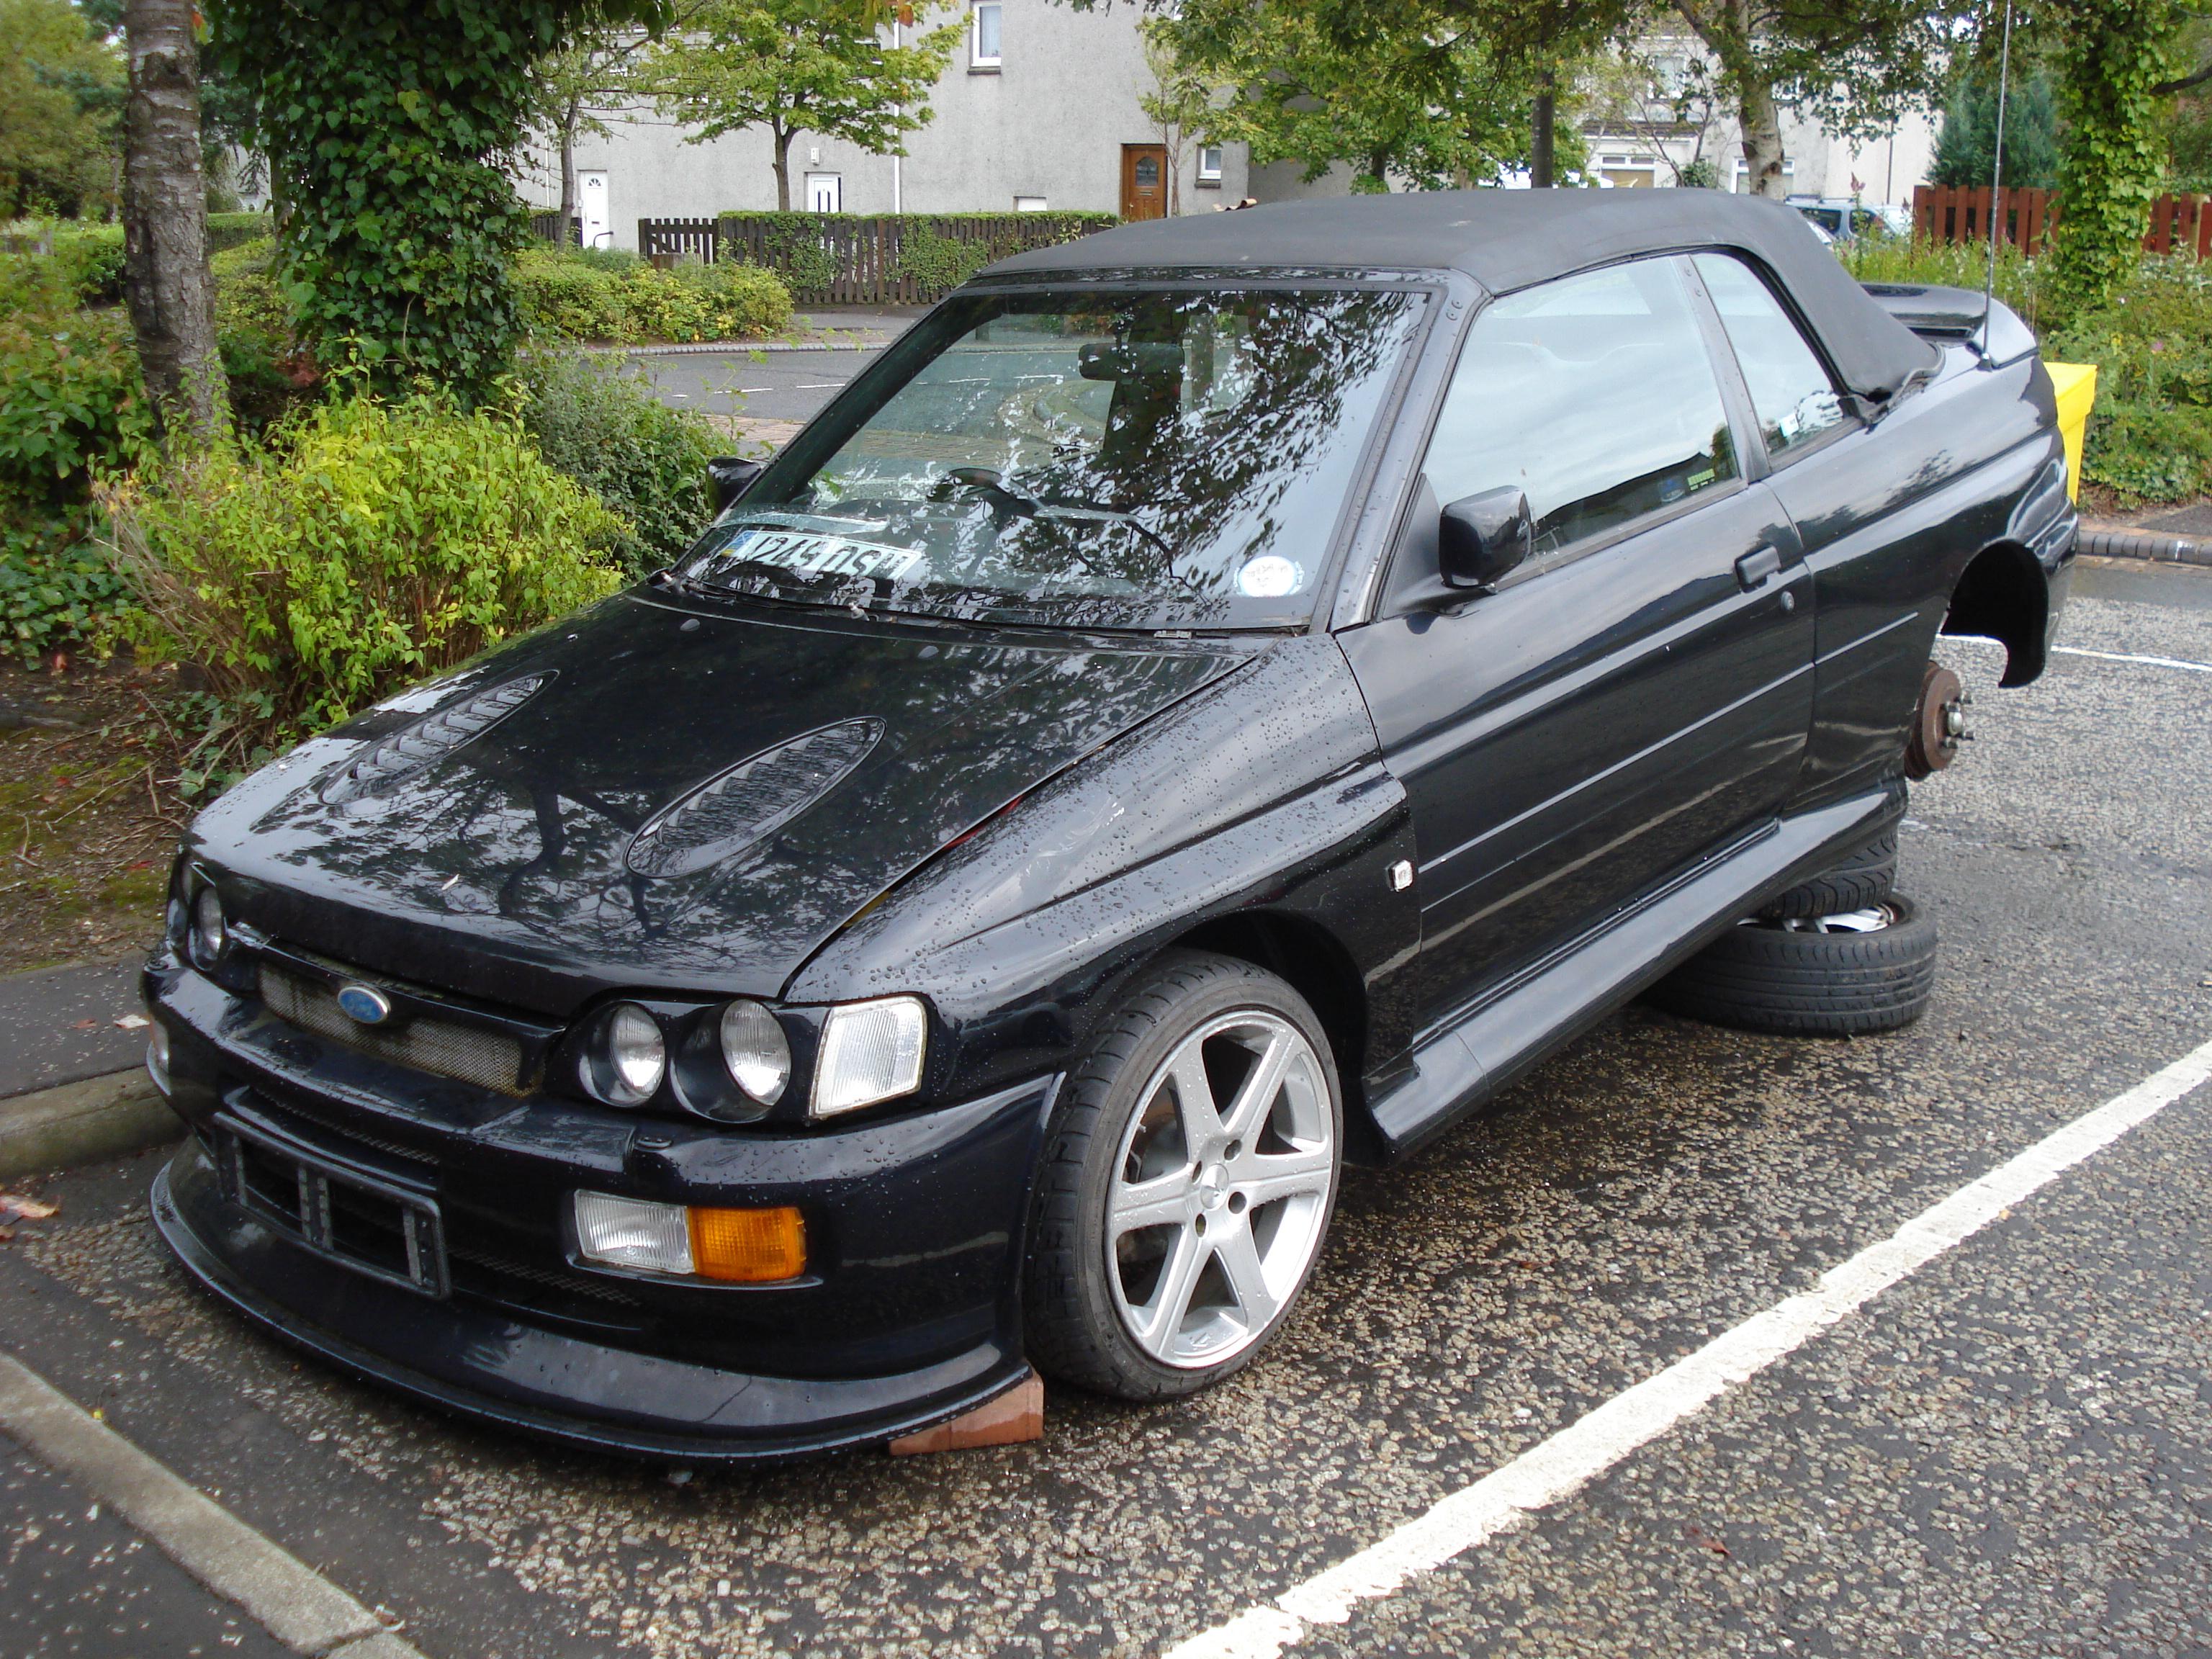 1992 ford escort xr3i cabriolet flickr photo sharing. Black Bedroom Furniture Sets. Home Design Ideas